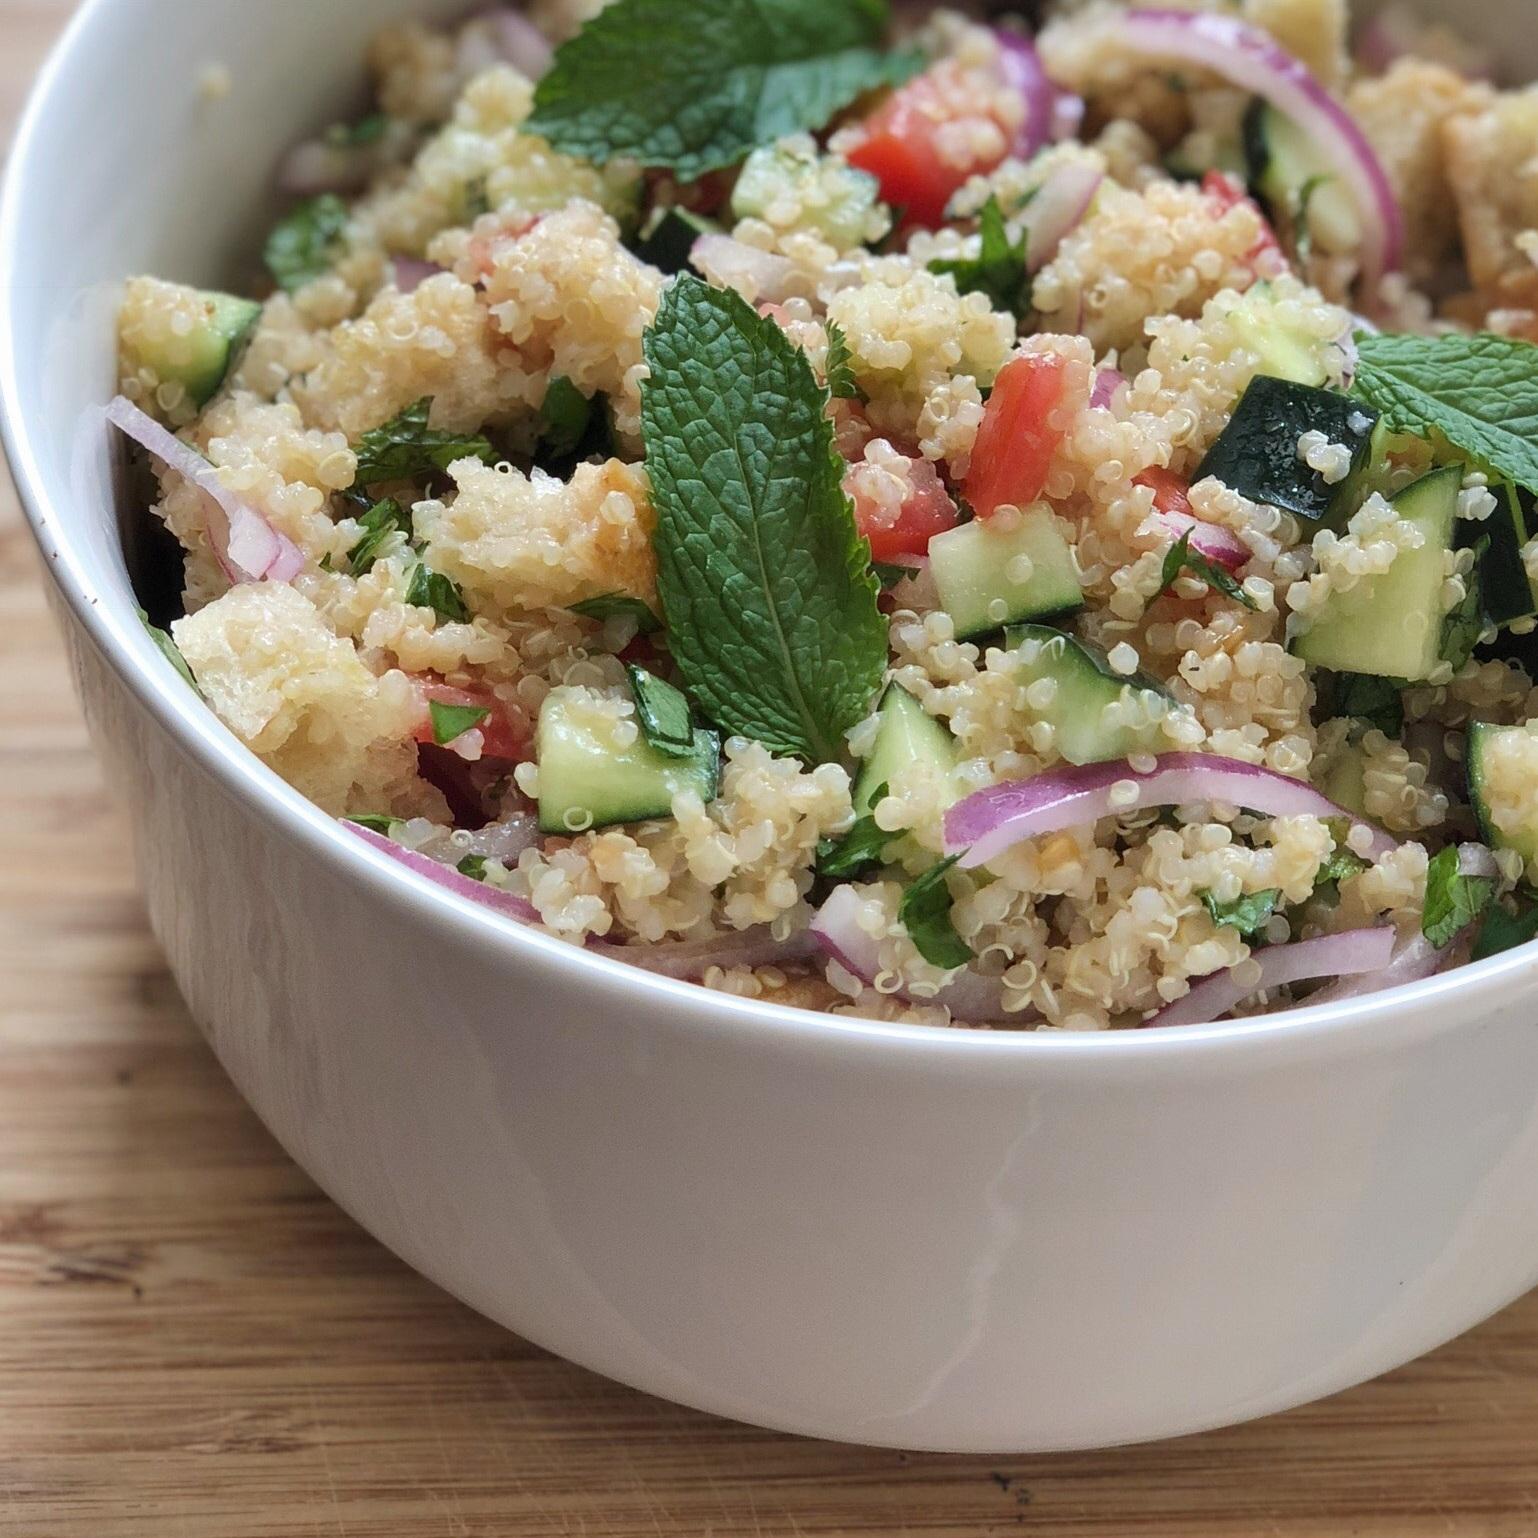 bread & quinoa salad